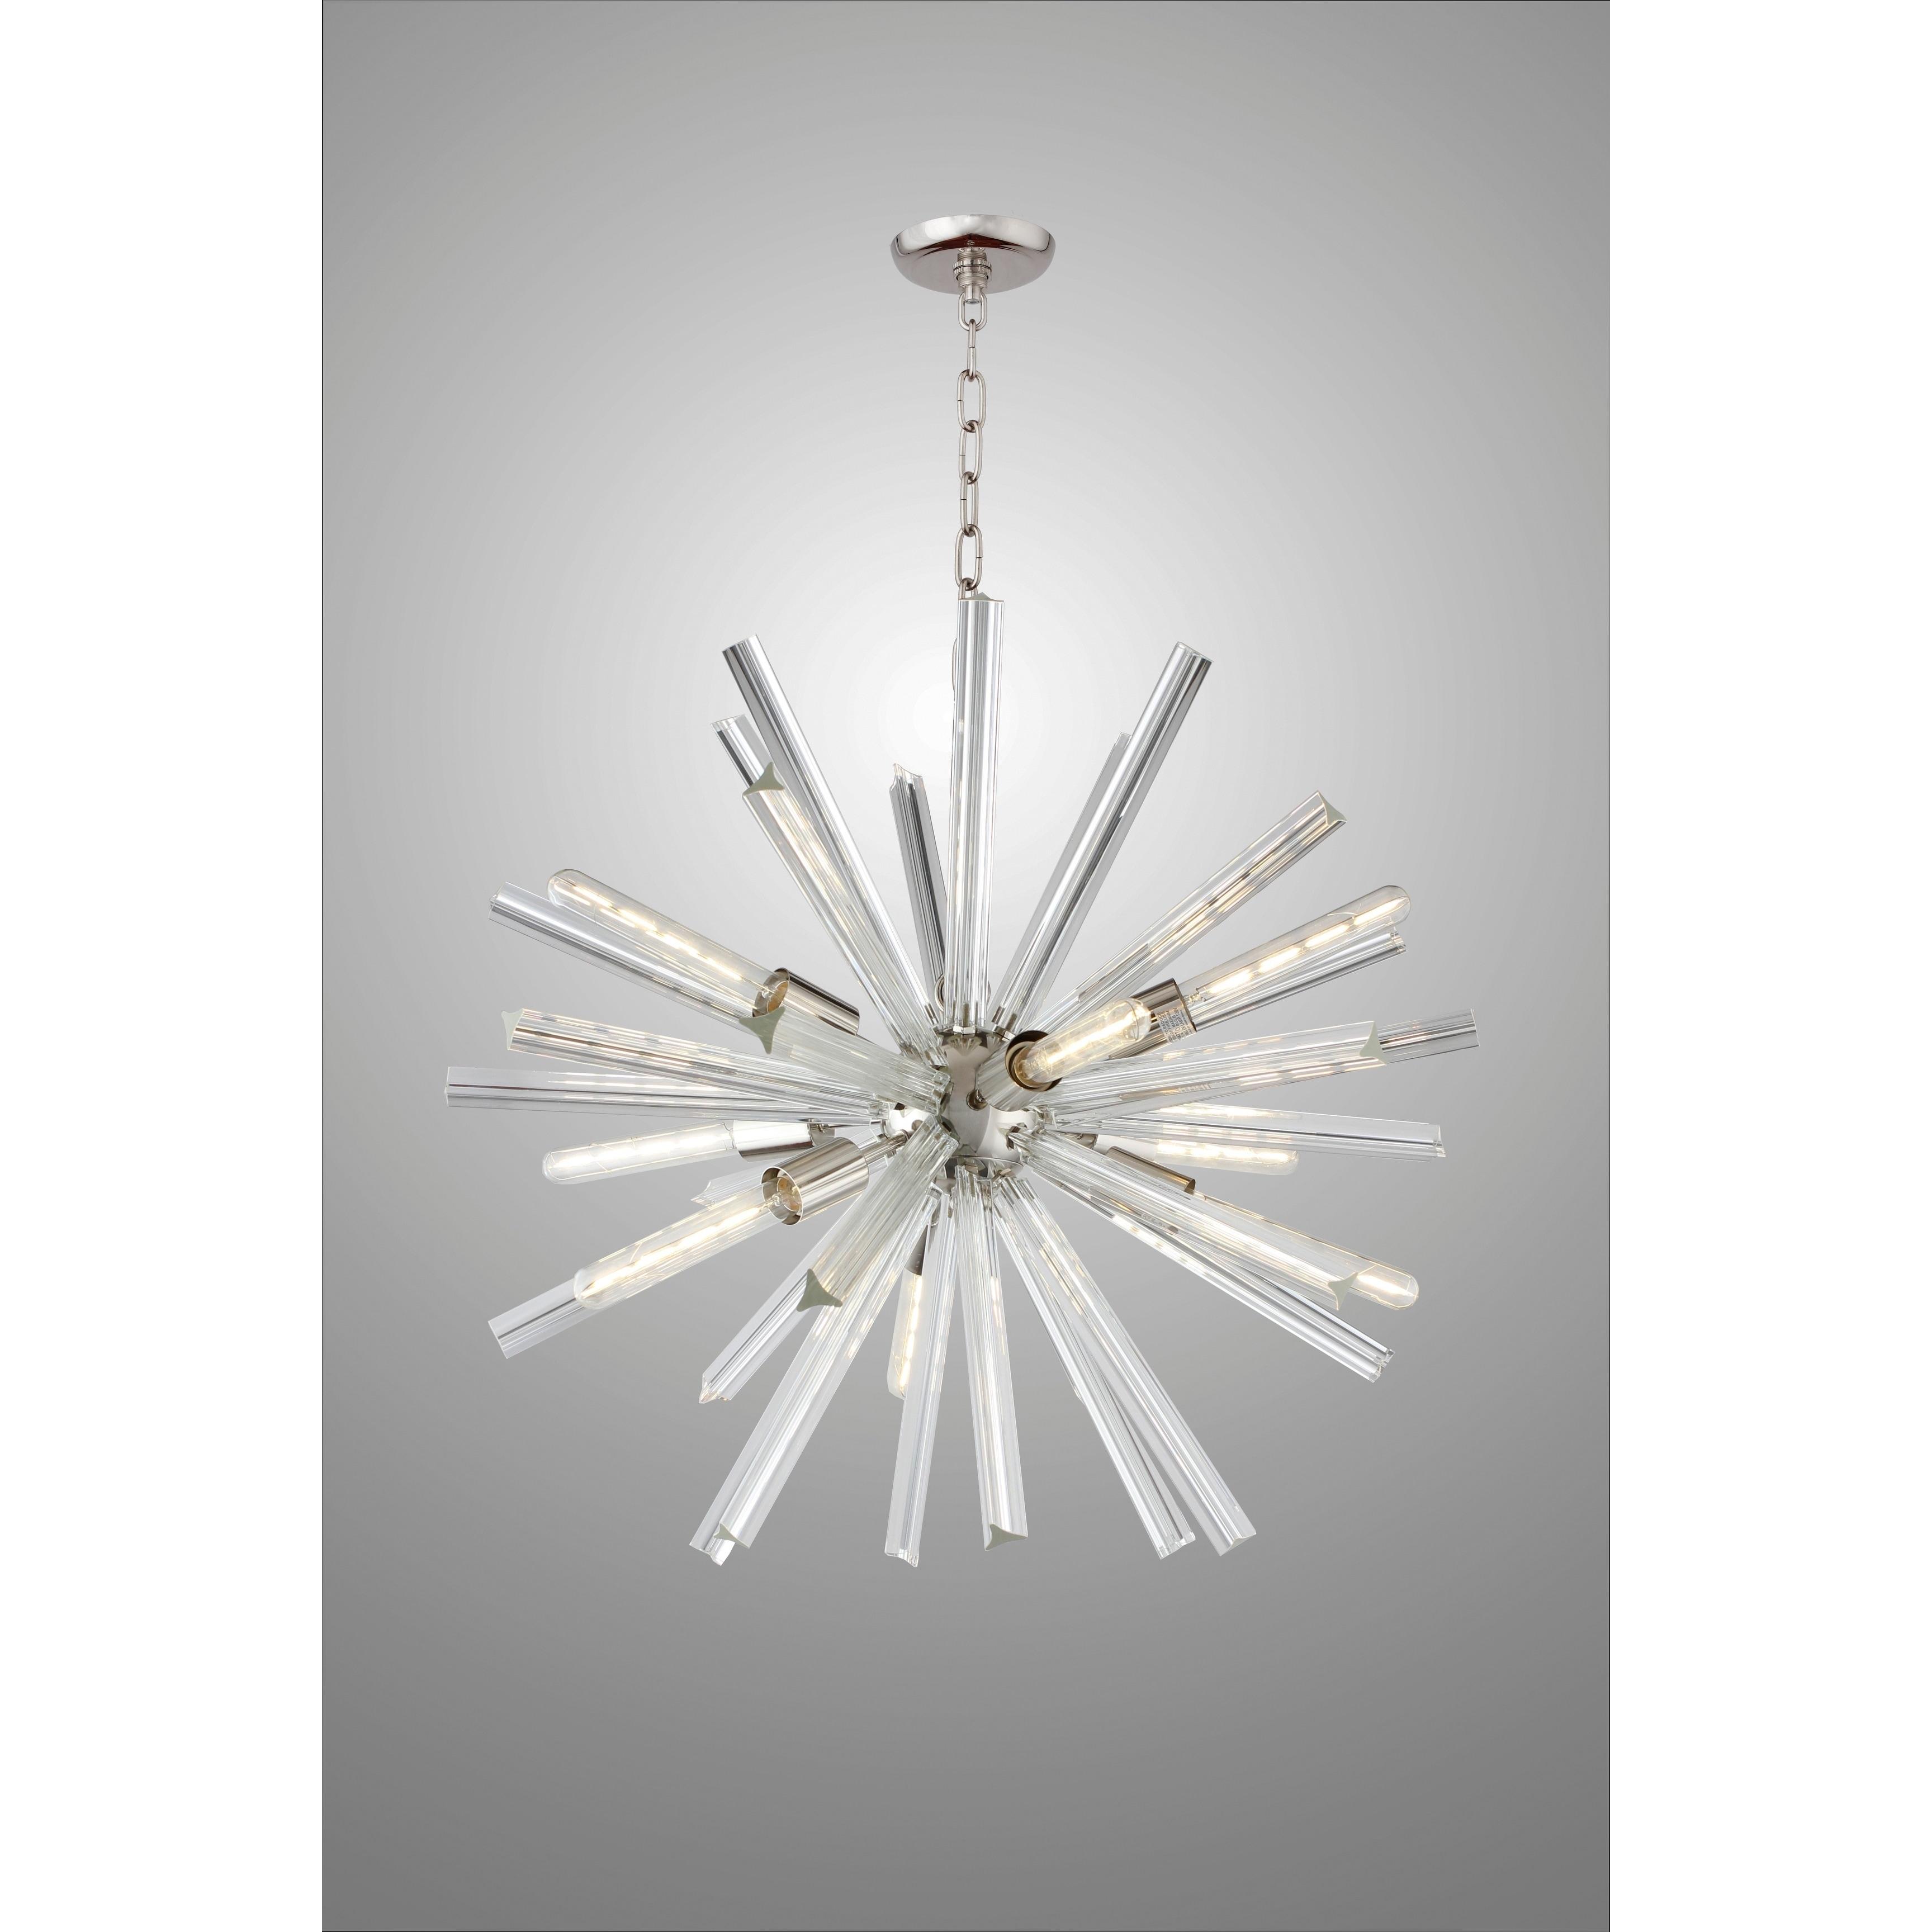 Y Decor 9 Light Sputnik Chandelier In Polished Nickel Finish